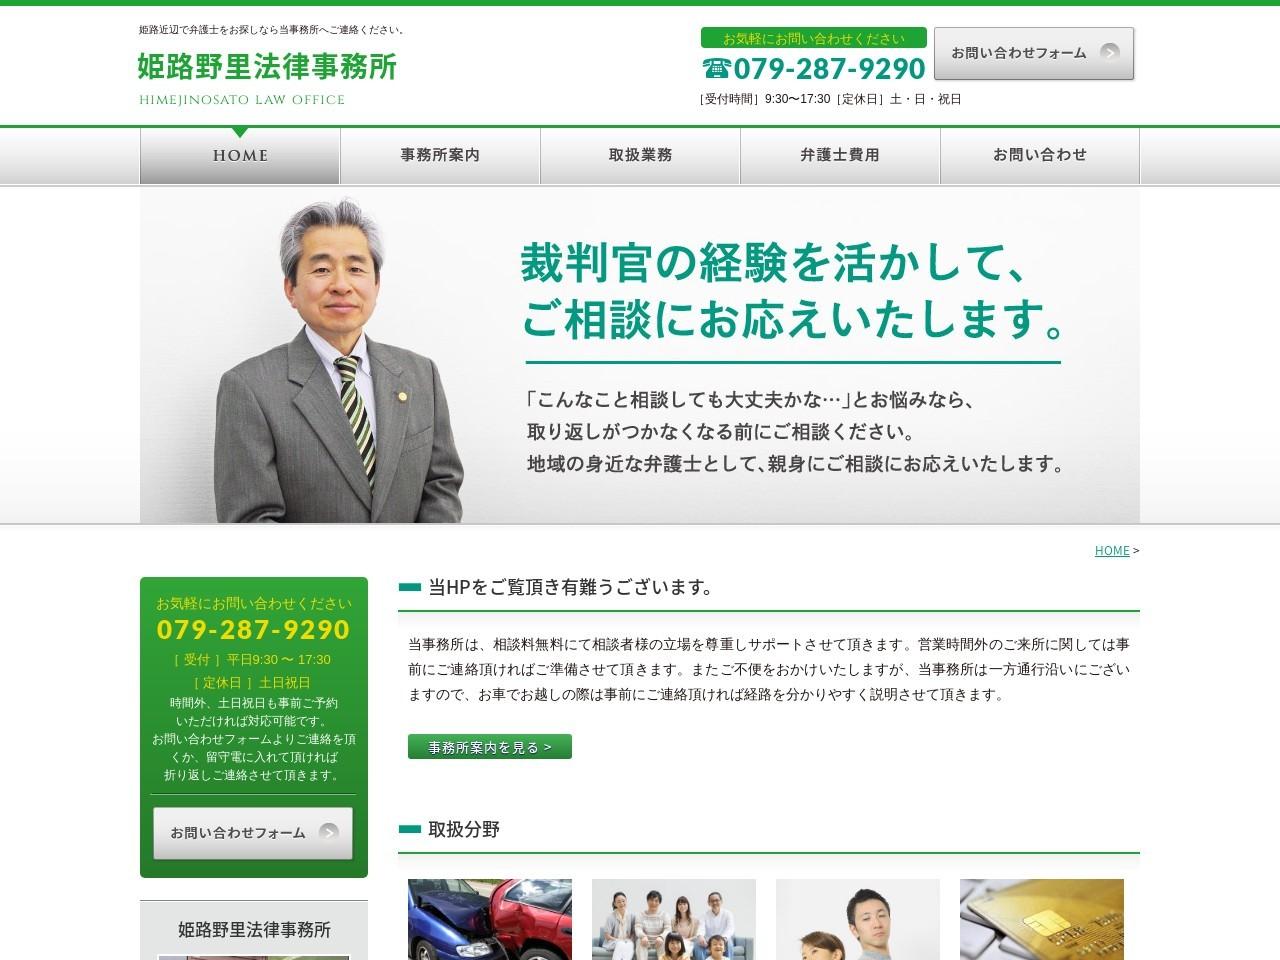 姫路野里法律事務所